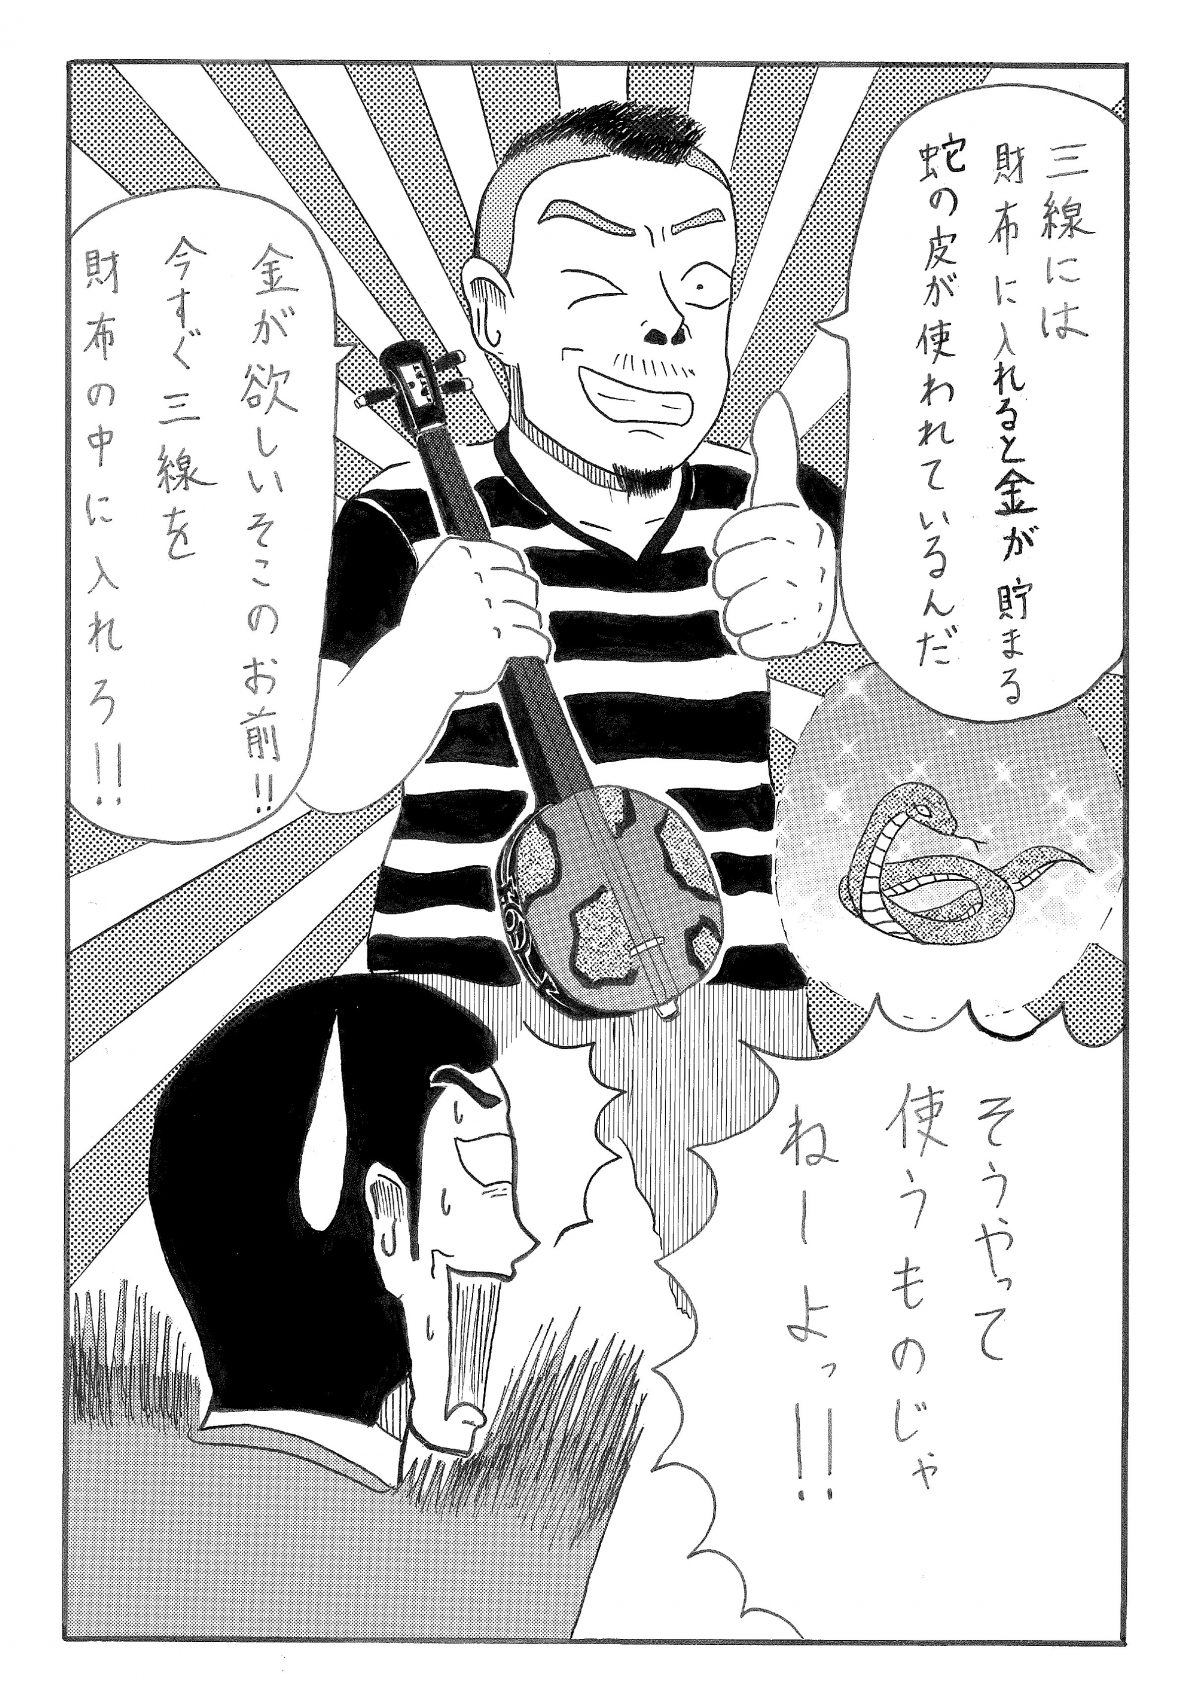 ヒューマンアカデミー那覇校1コママンガ課題「使用方法」